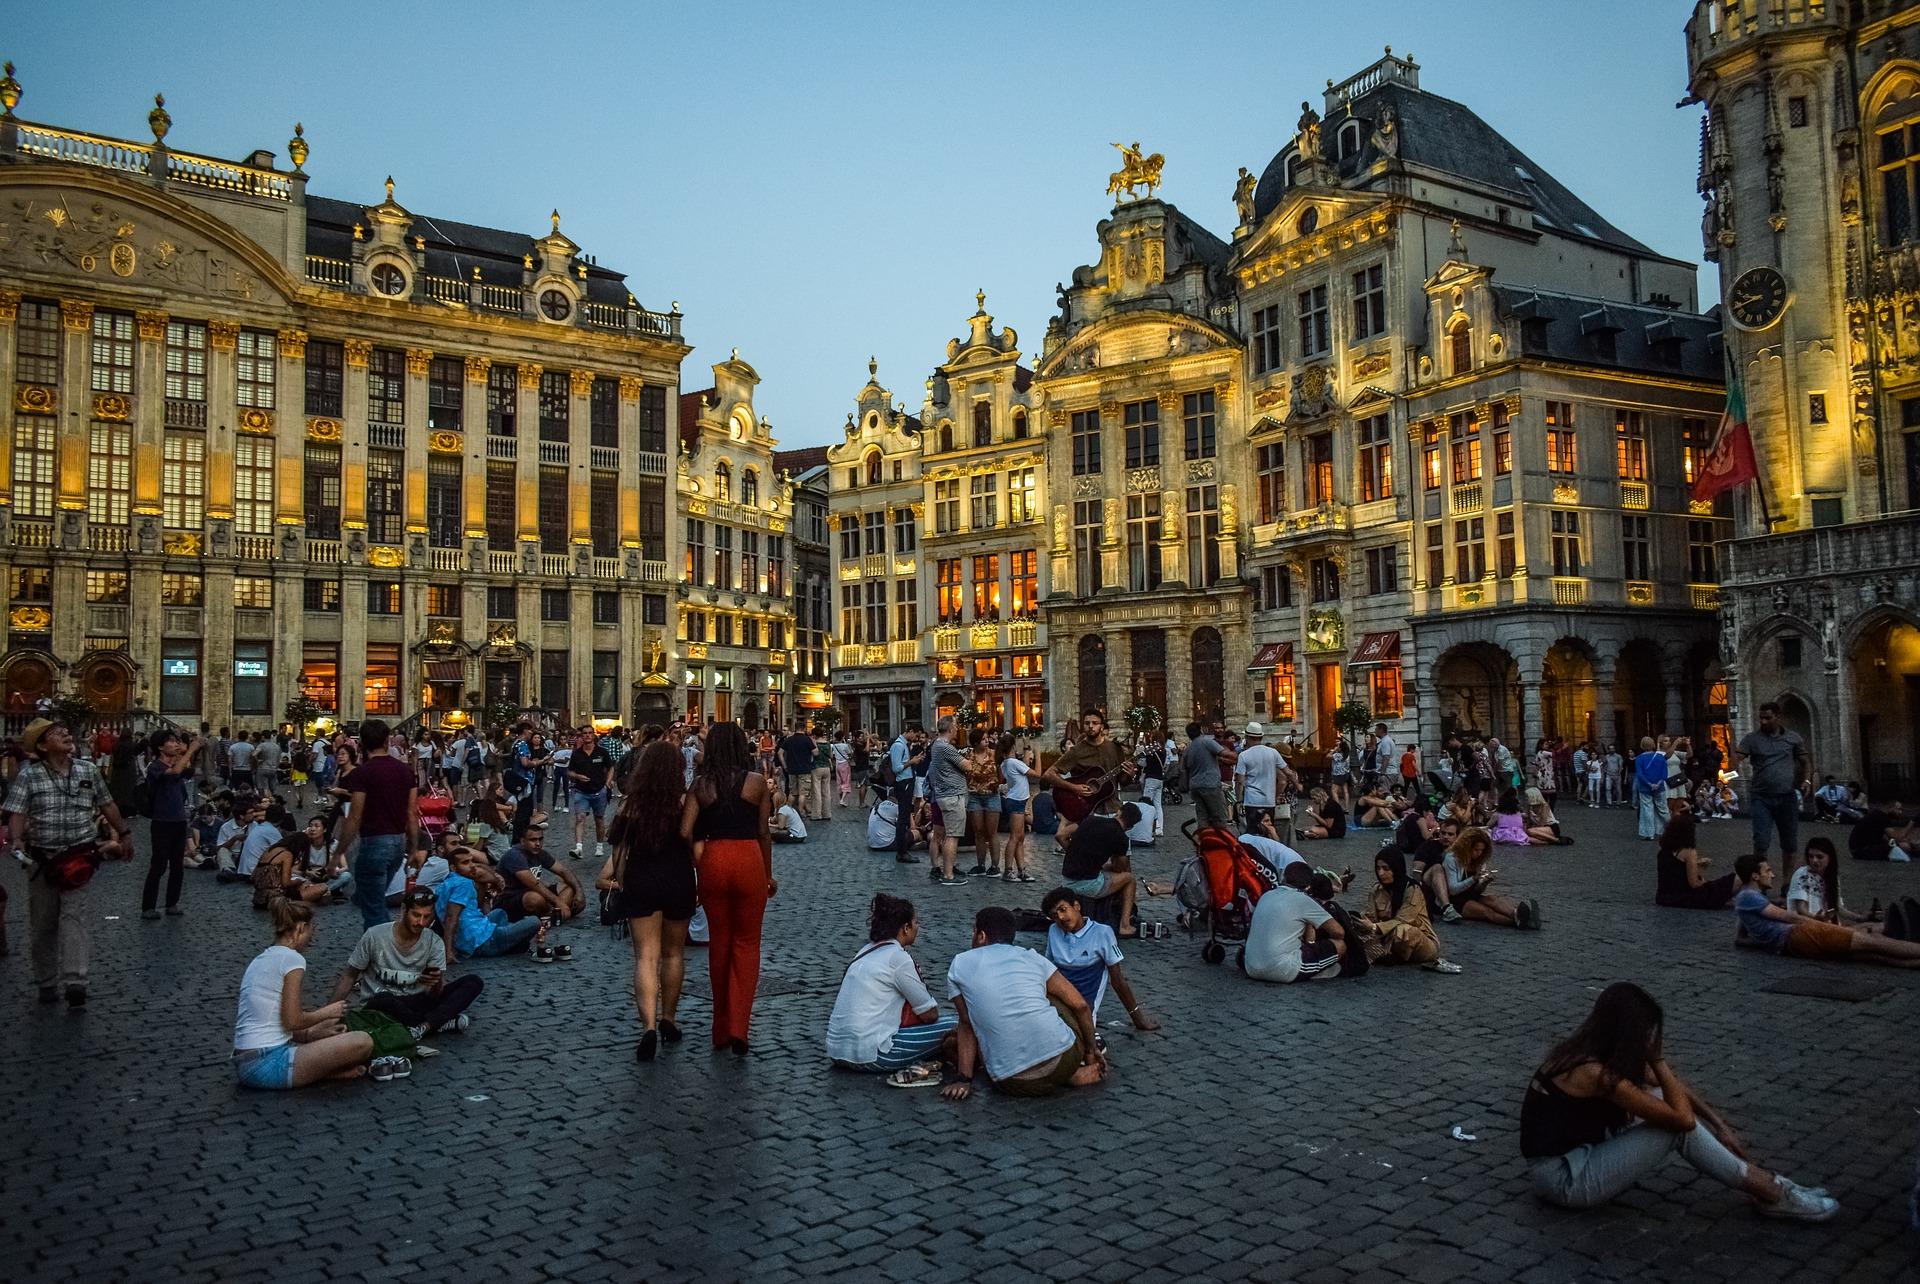 Brüssel wenn es Abends wird ein Mekka für die Jugend